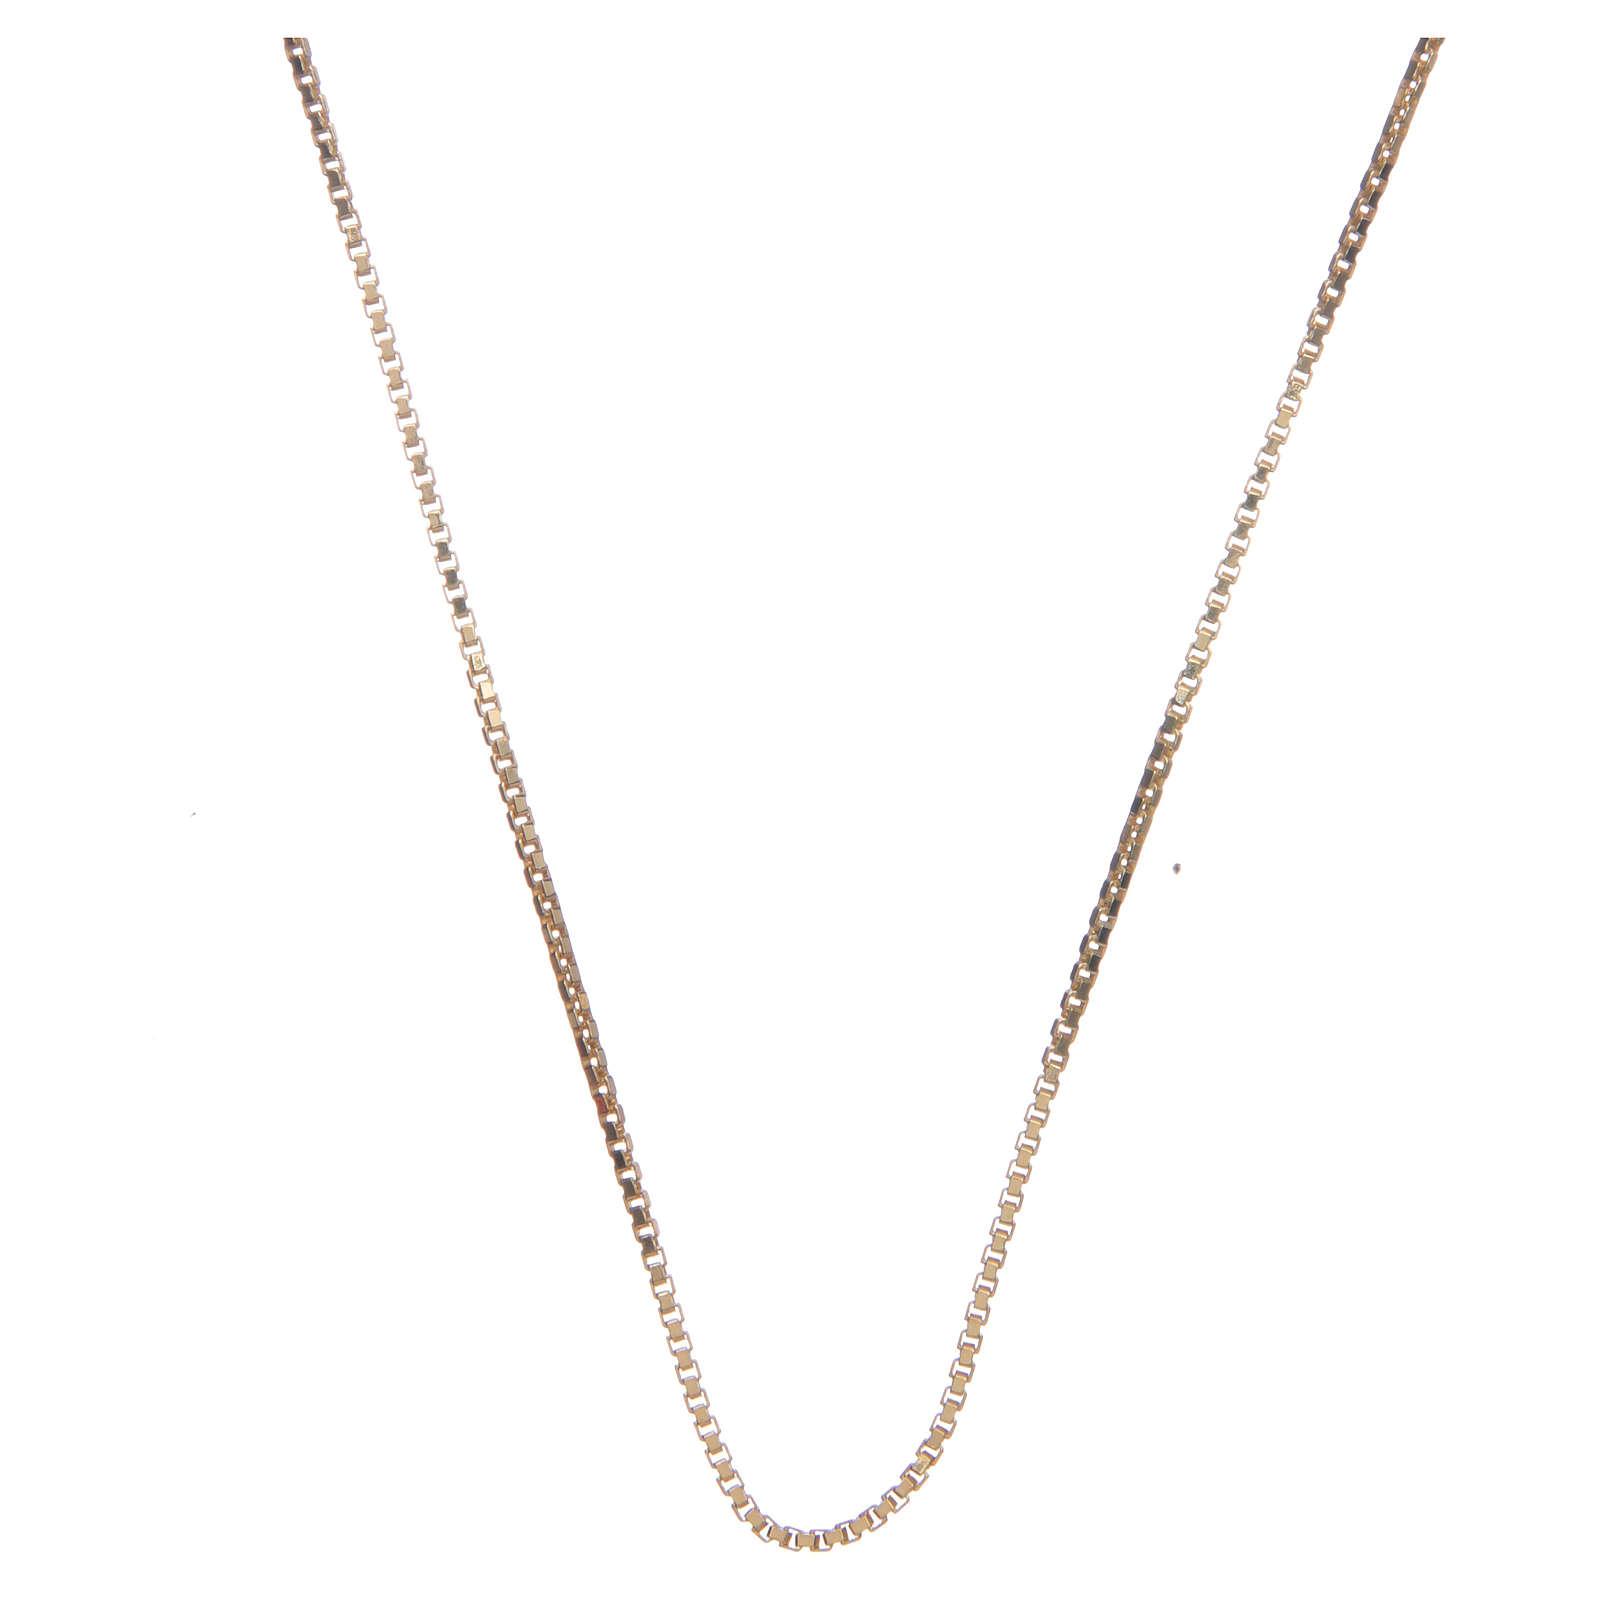 Venetische Kette vergoldeten Silber 925 55cm 4